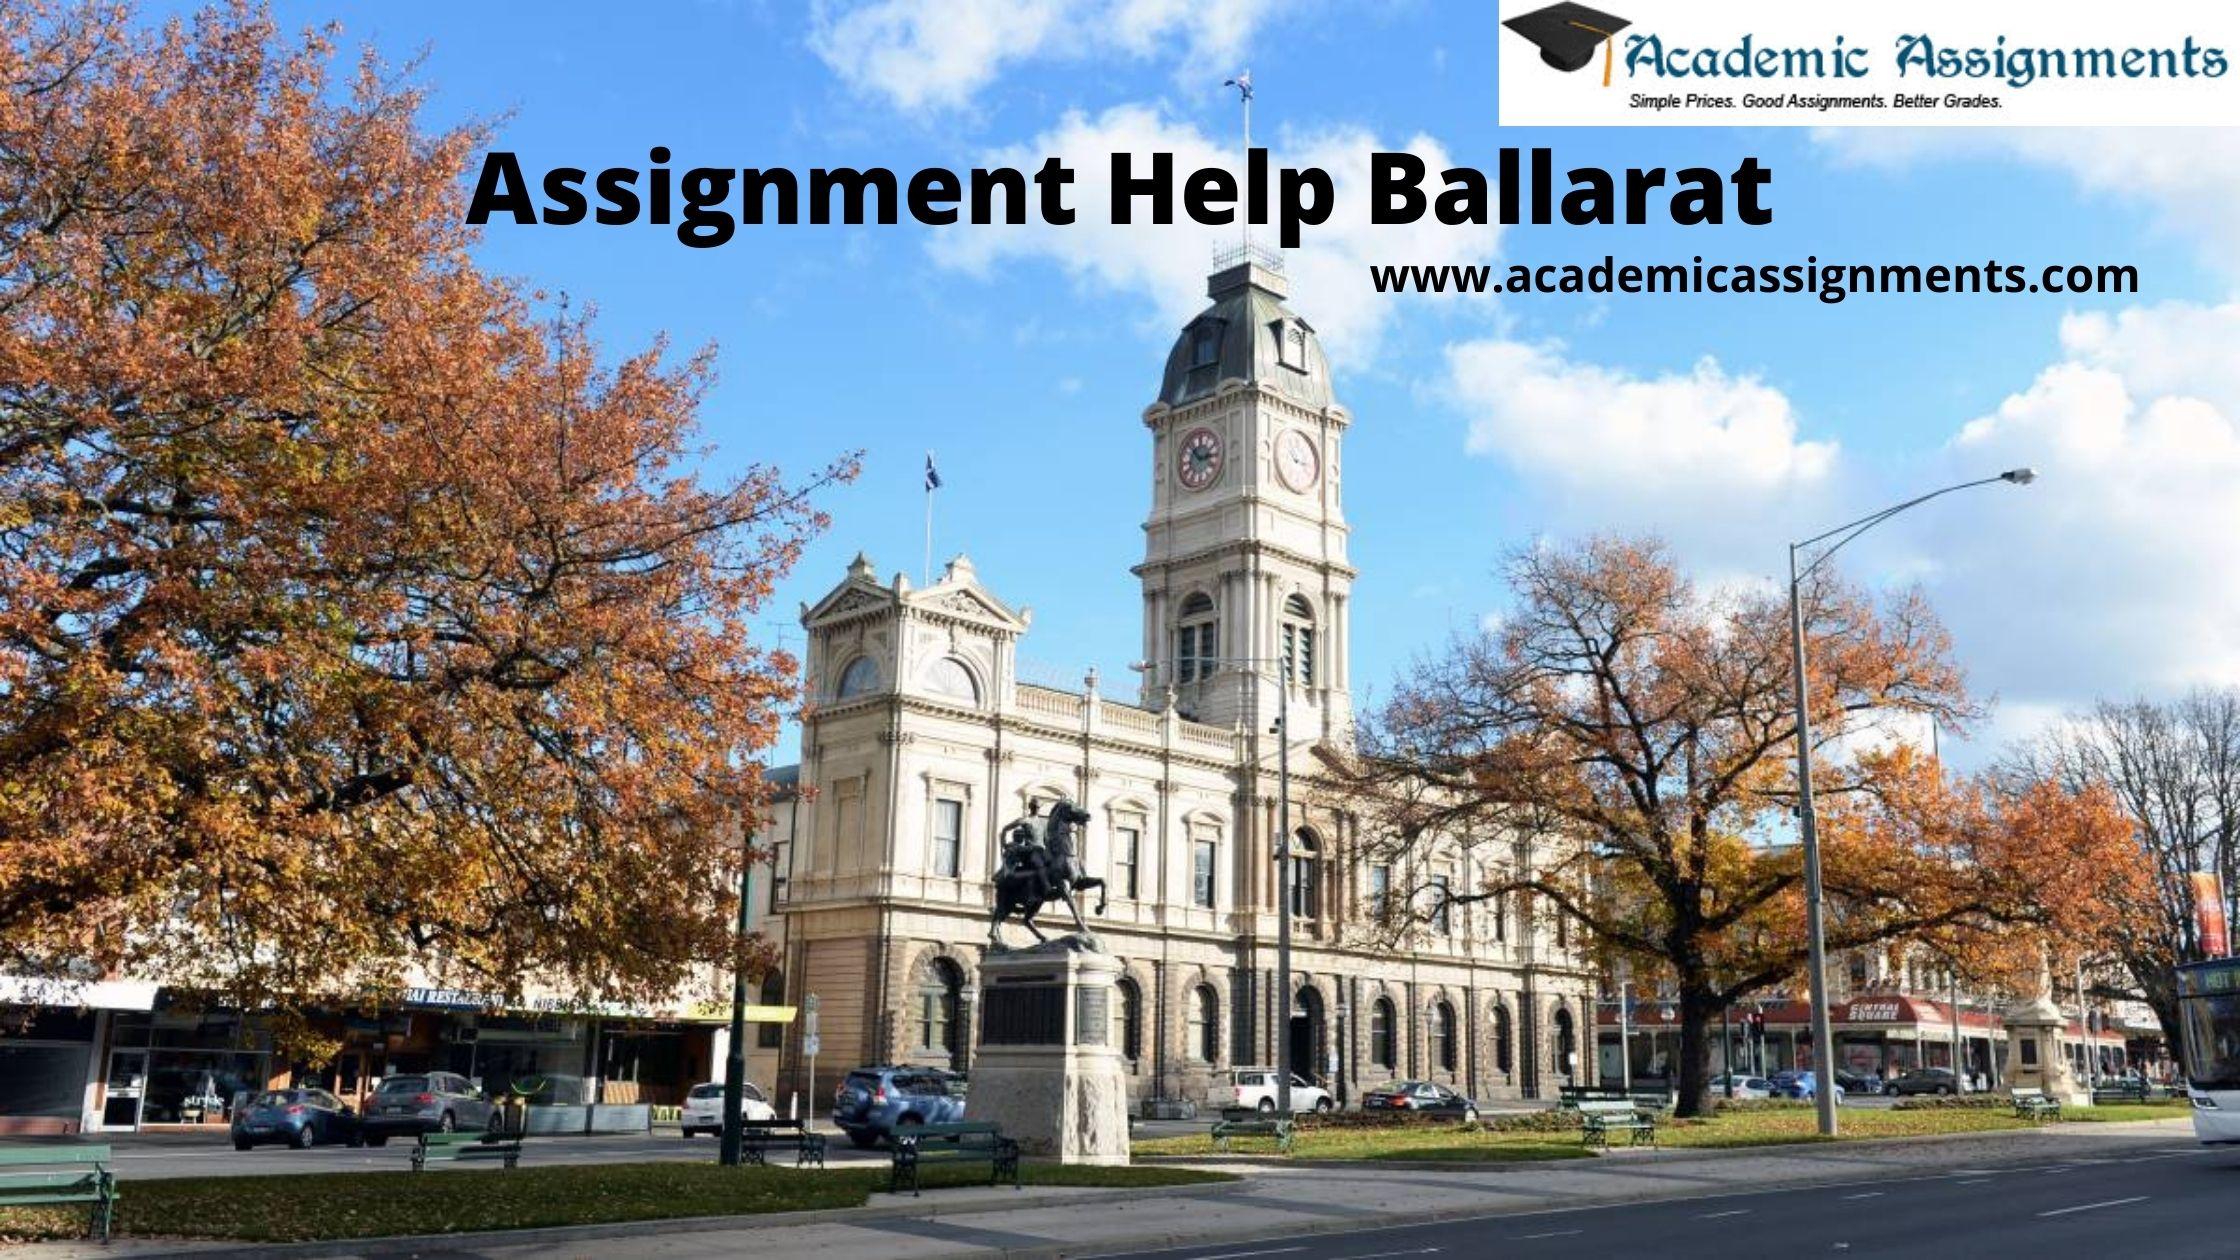 Assignment Help Ballarat